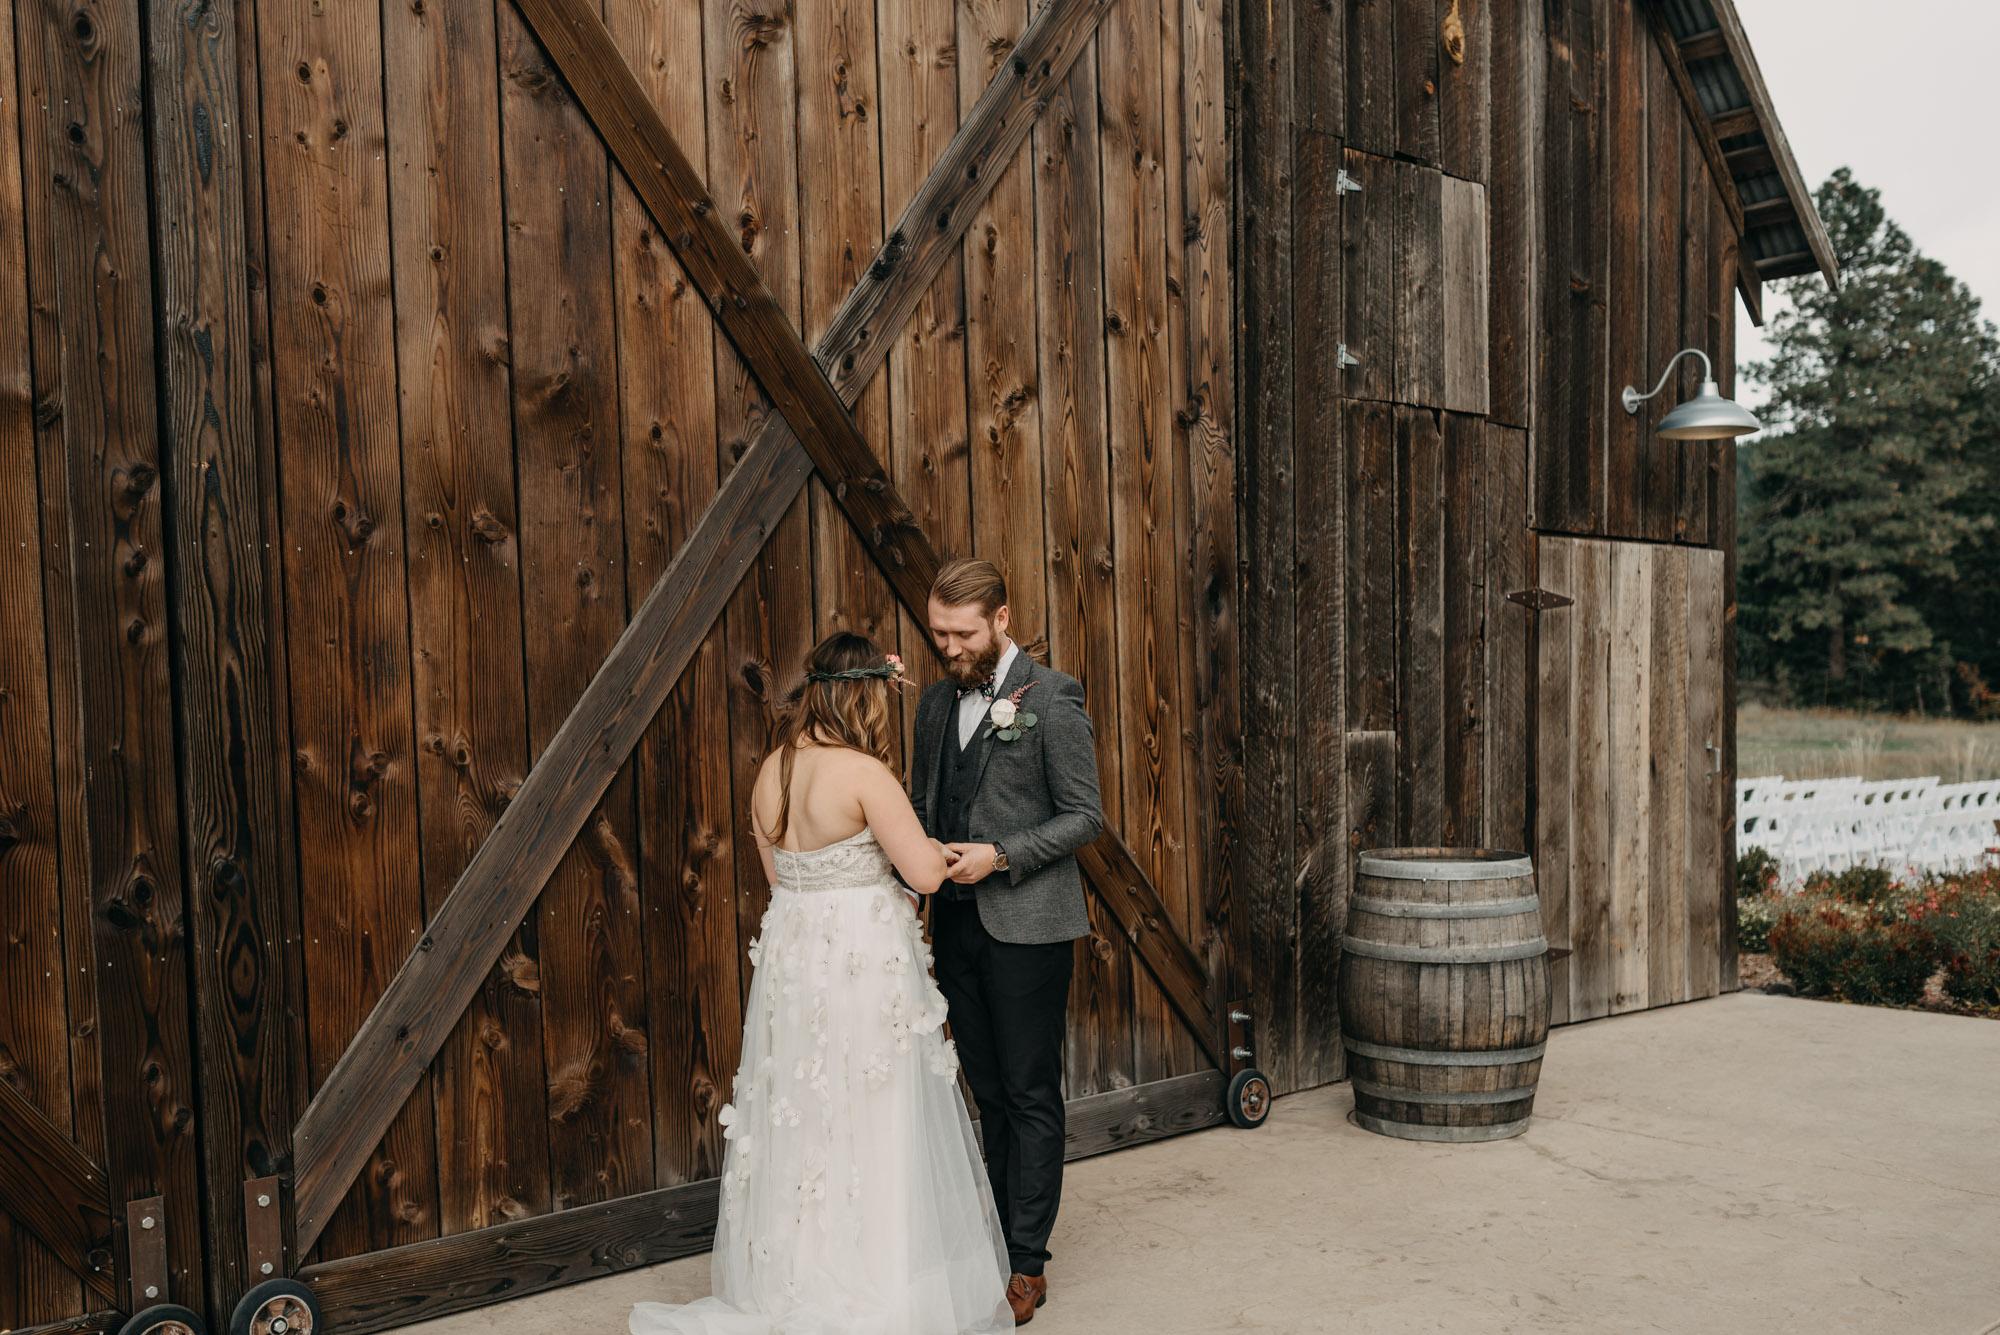 Outdoor-First-Look-Washington-Wedding-Barn-Door-8093.jpg